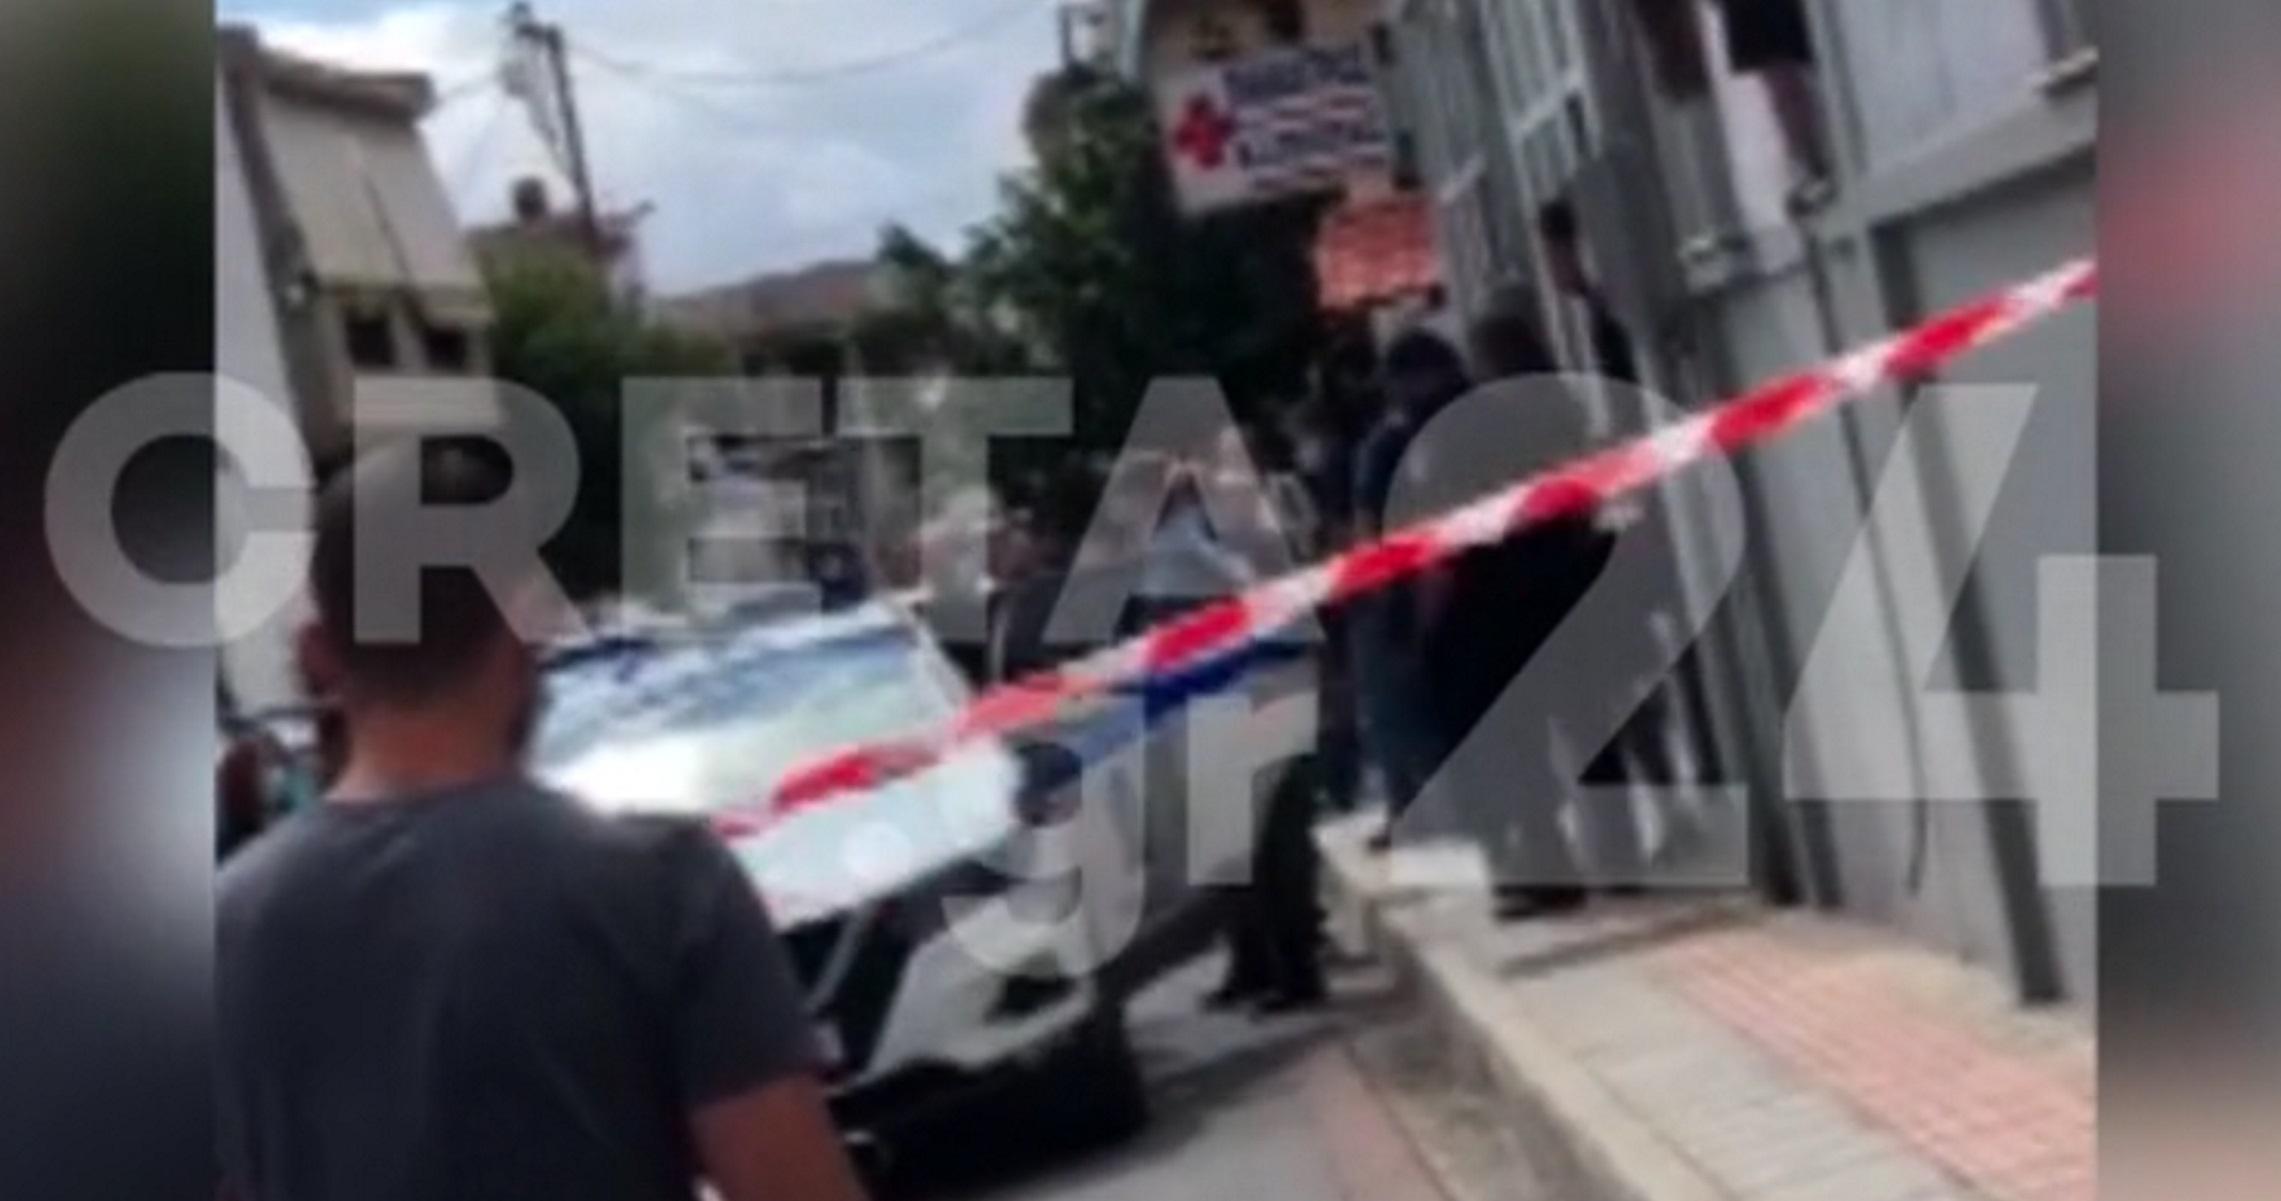 Κορονοϊός – Κρήτη: Συνελήφθη η ανεμβολίαστη φυσικοθεραπεύτρια που κλειδώθηκε στο ΚΑΠΗ